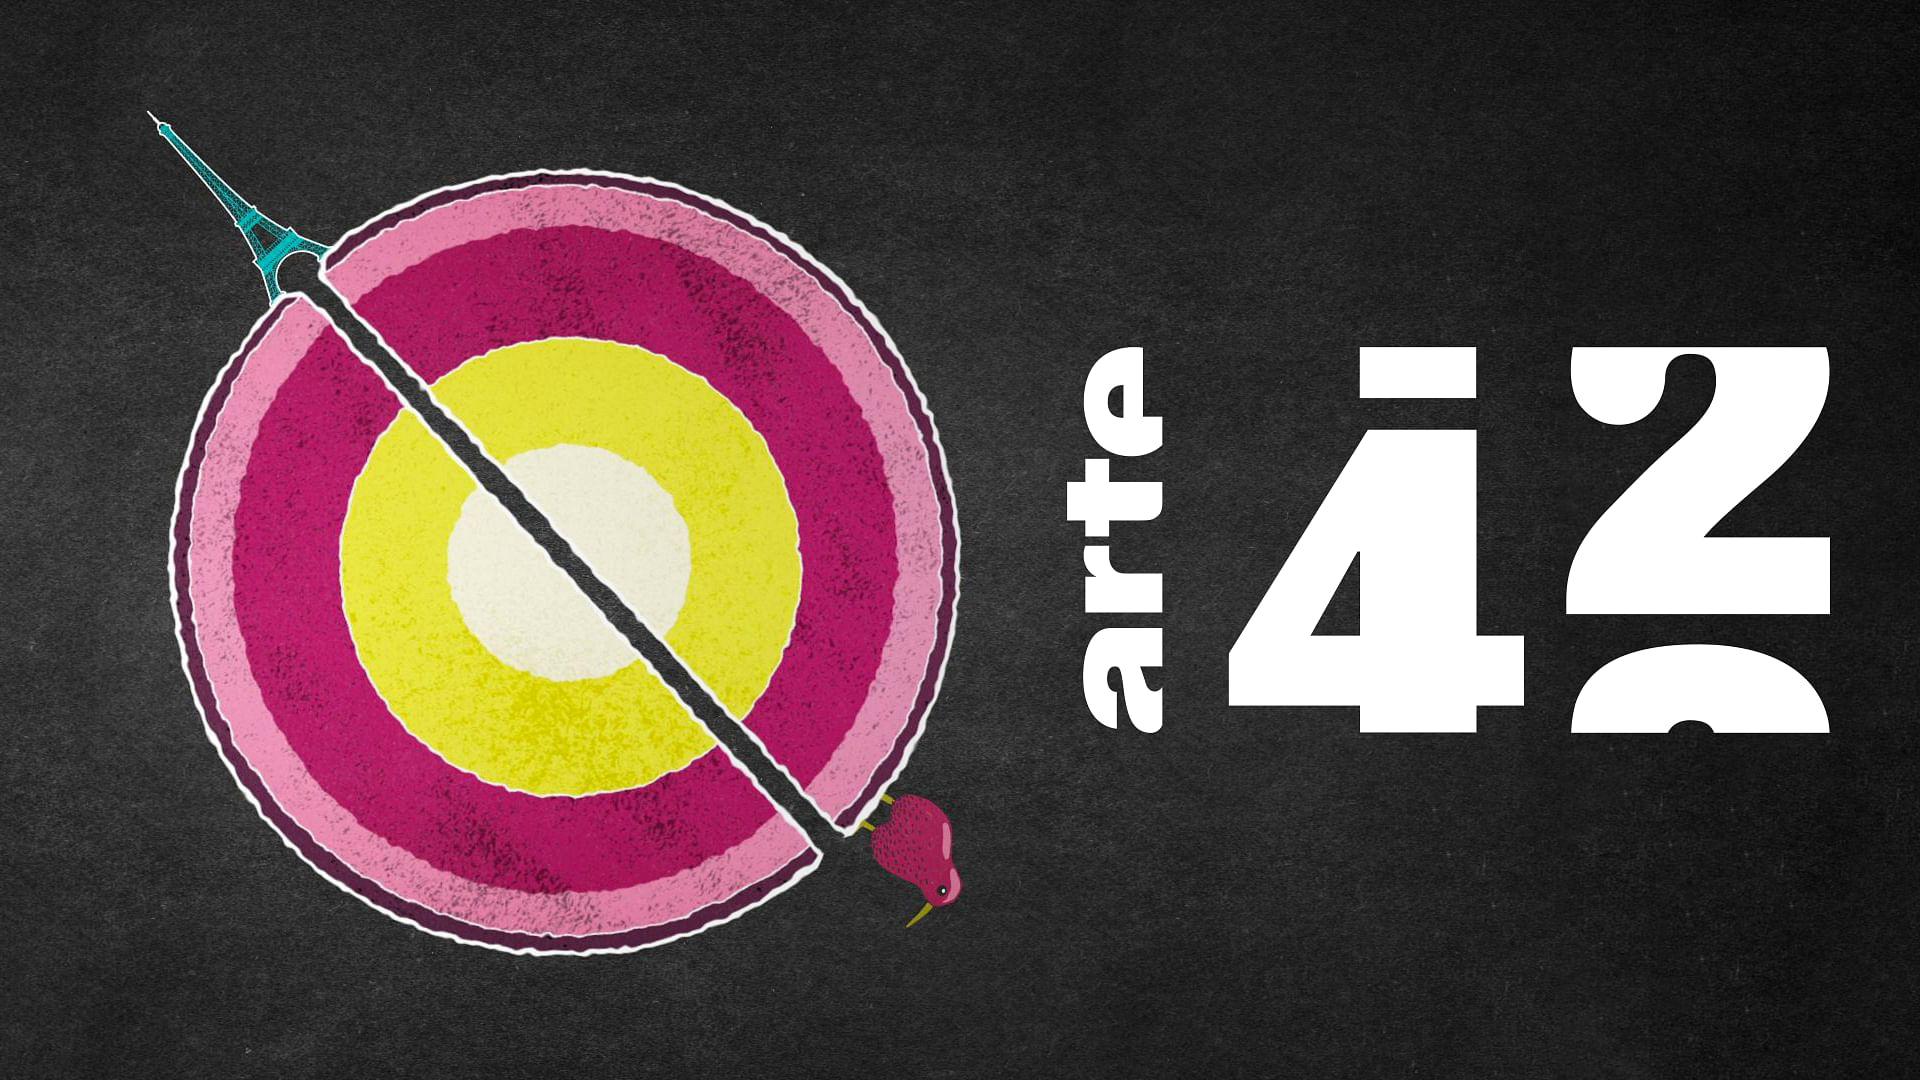 42: la respuesta a casi todo